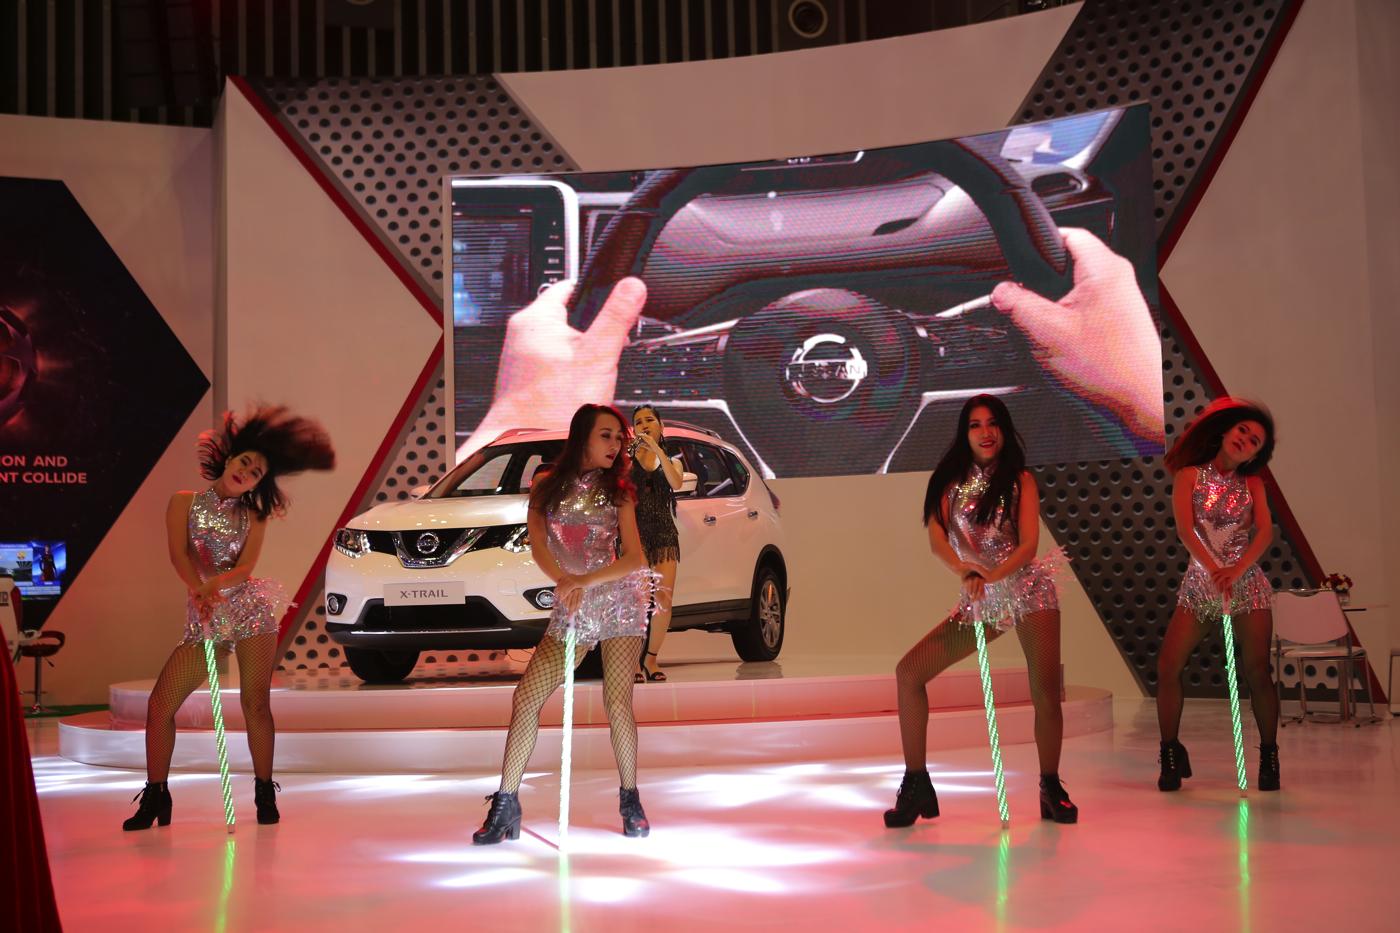 Màn biểu diễn của các vũ công tại gian hàng Nissan.